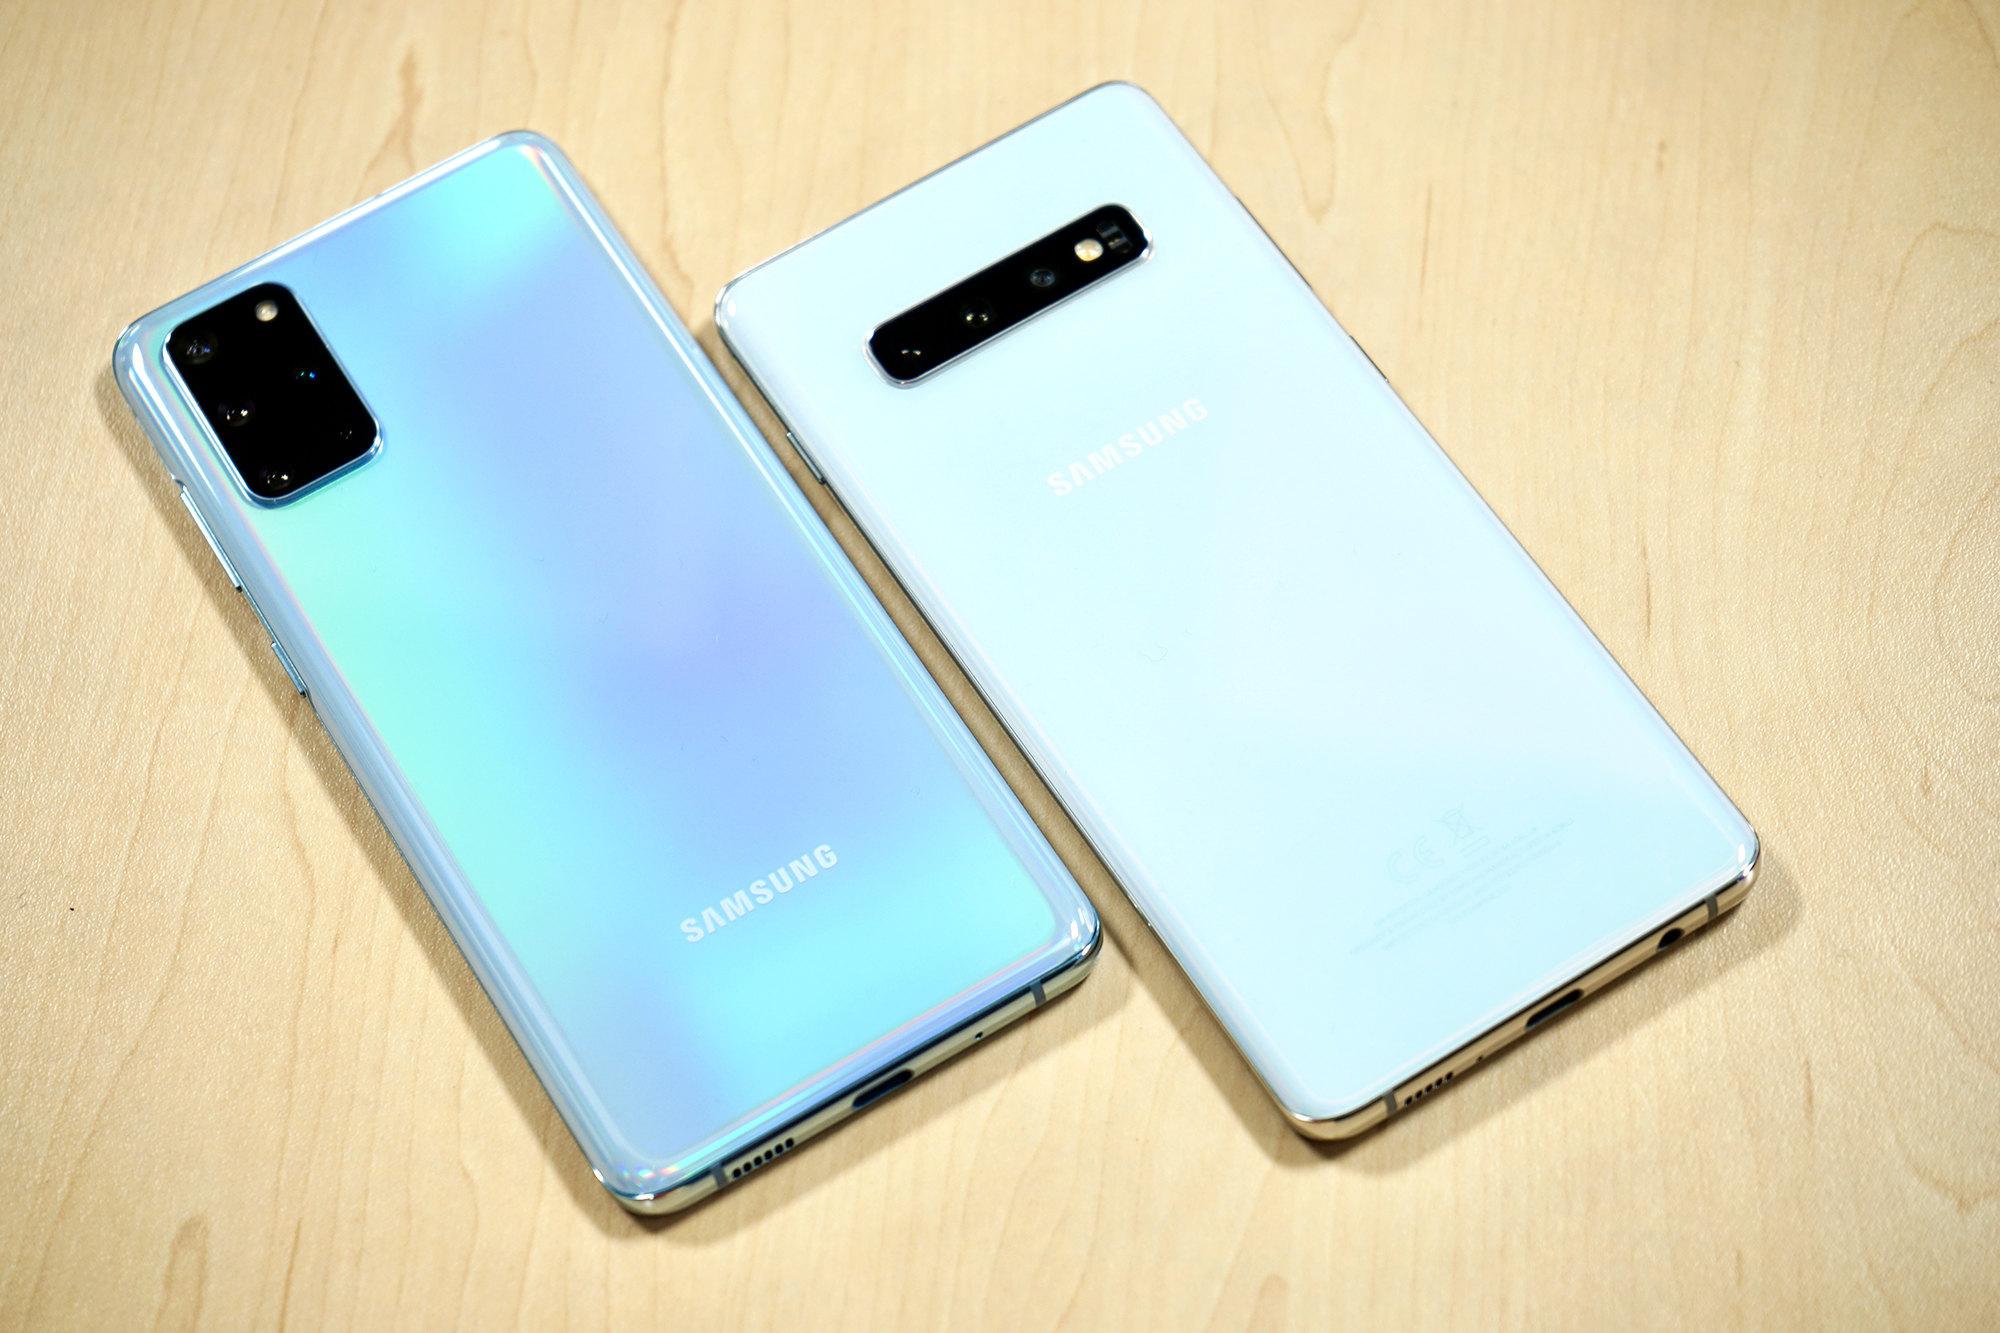 Блок камер Galaxy S20+ всравнении сS10+